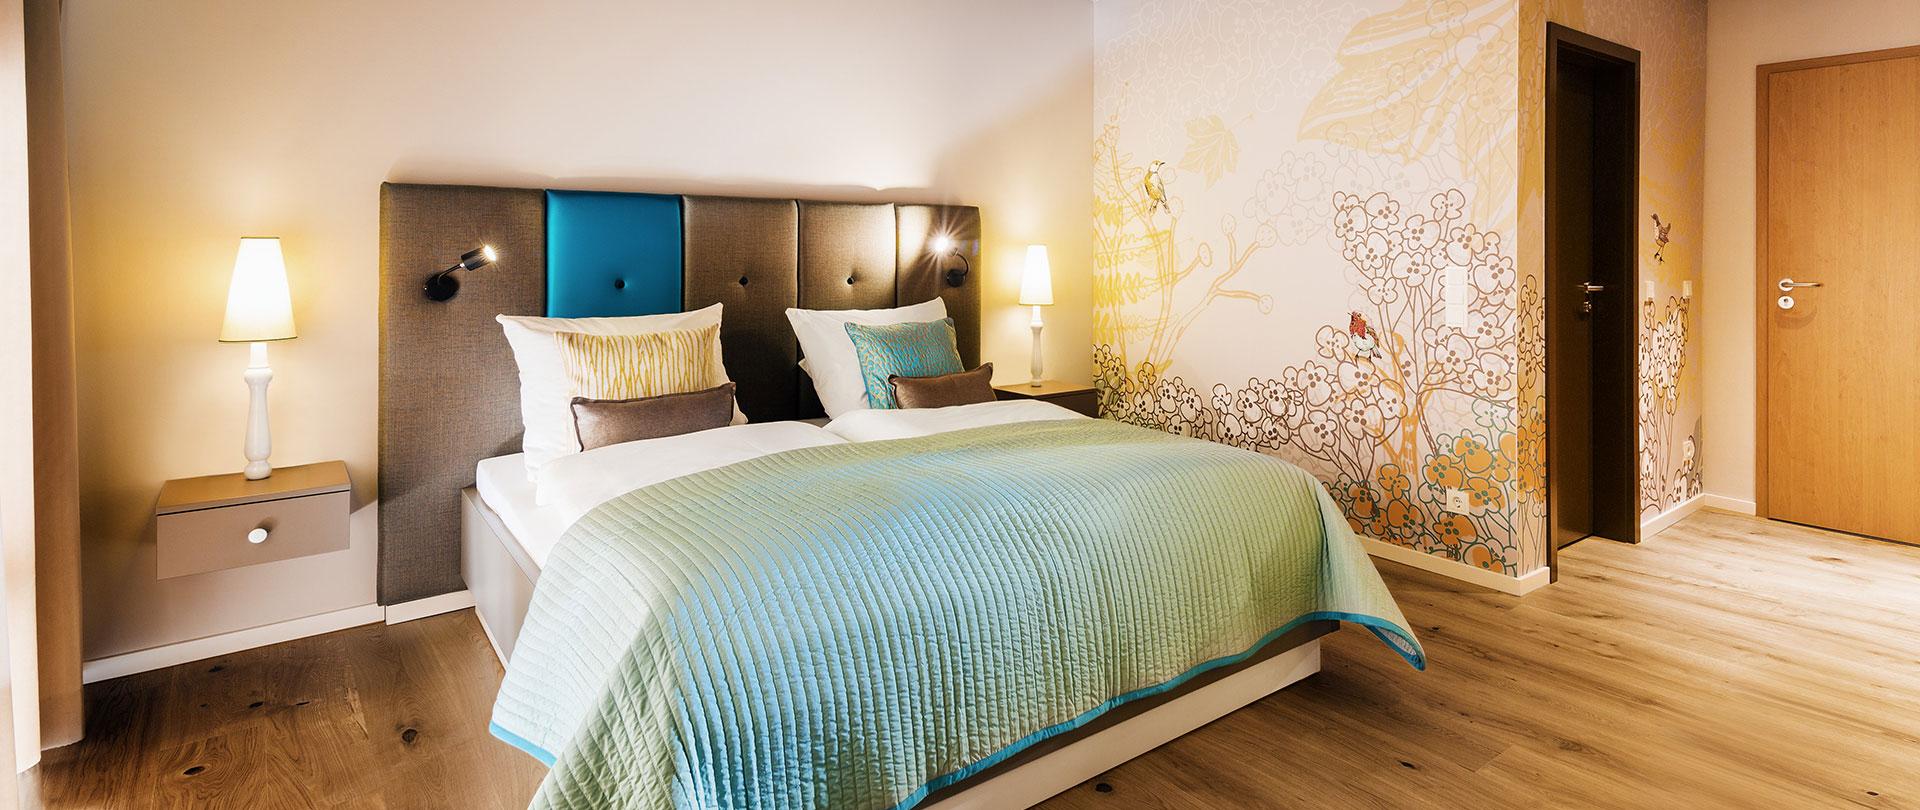 Zimmer | Hotel-Restaurant Taufstein